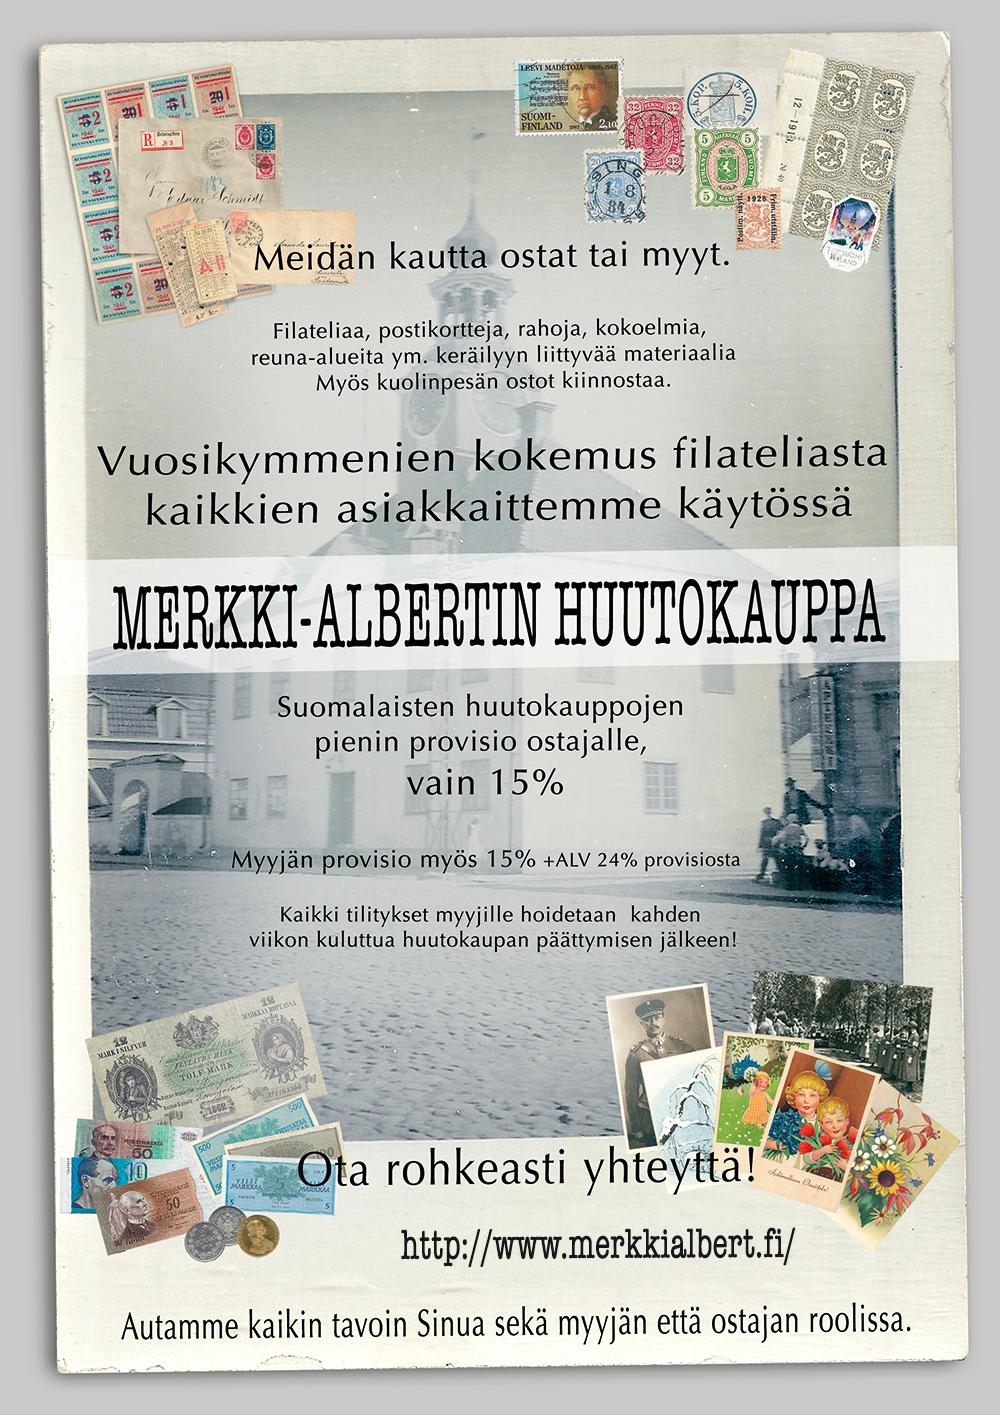 Merkki-Albert